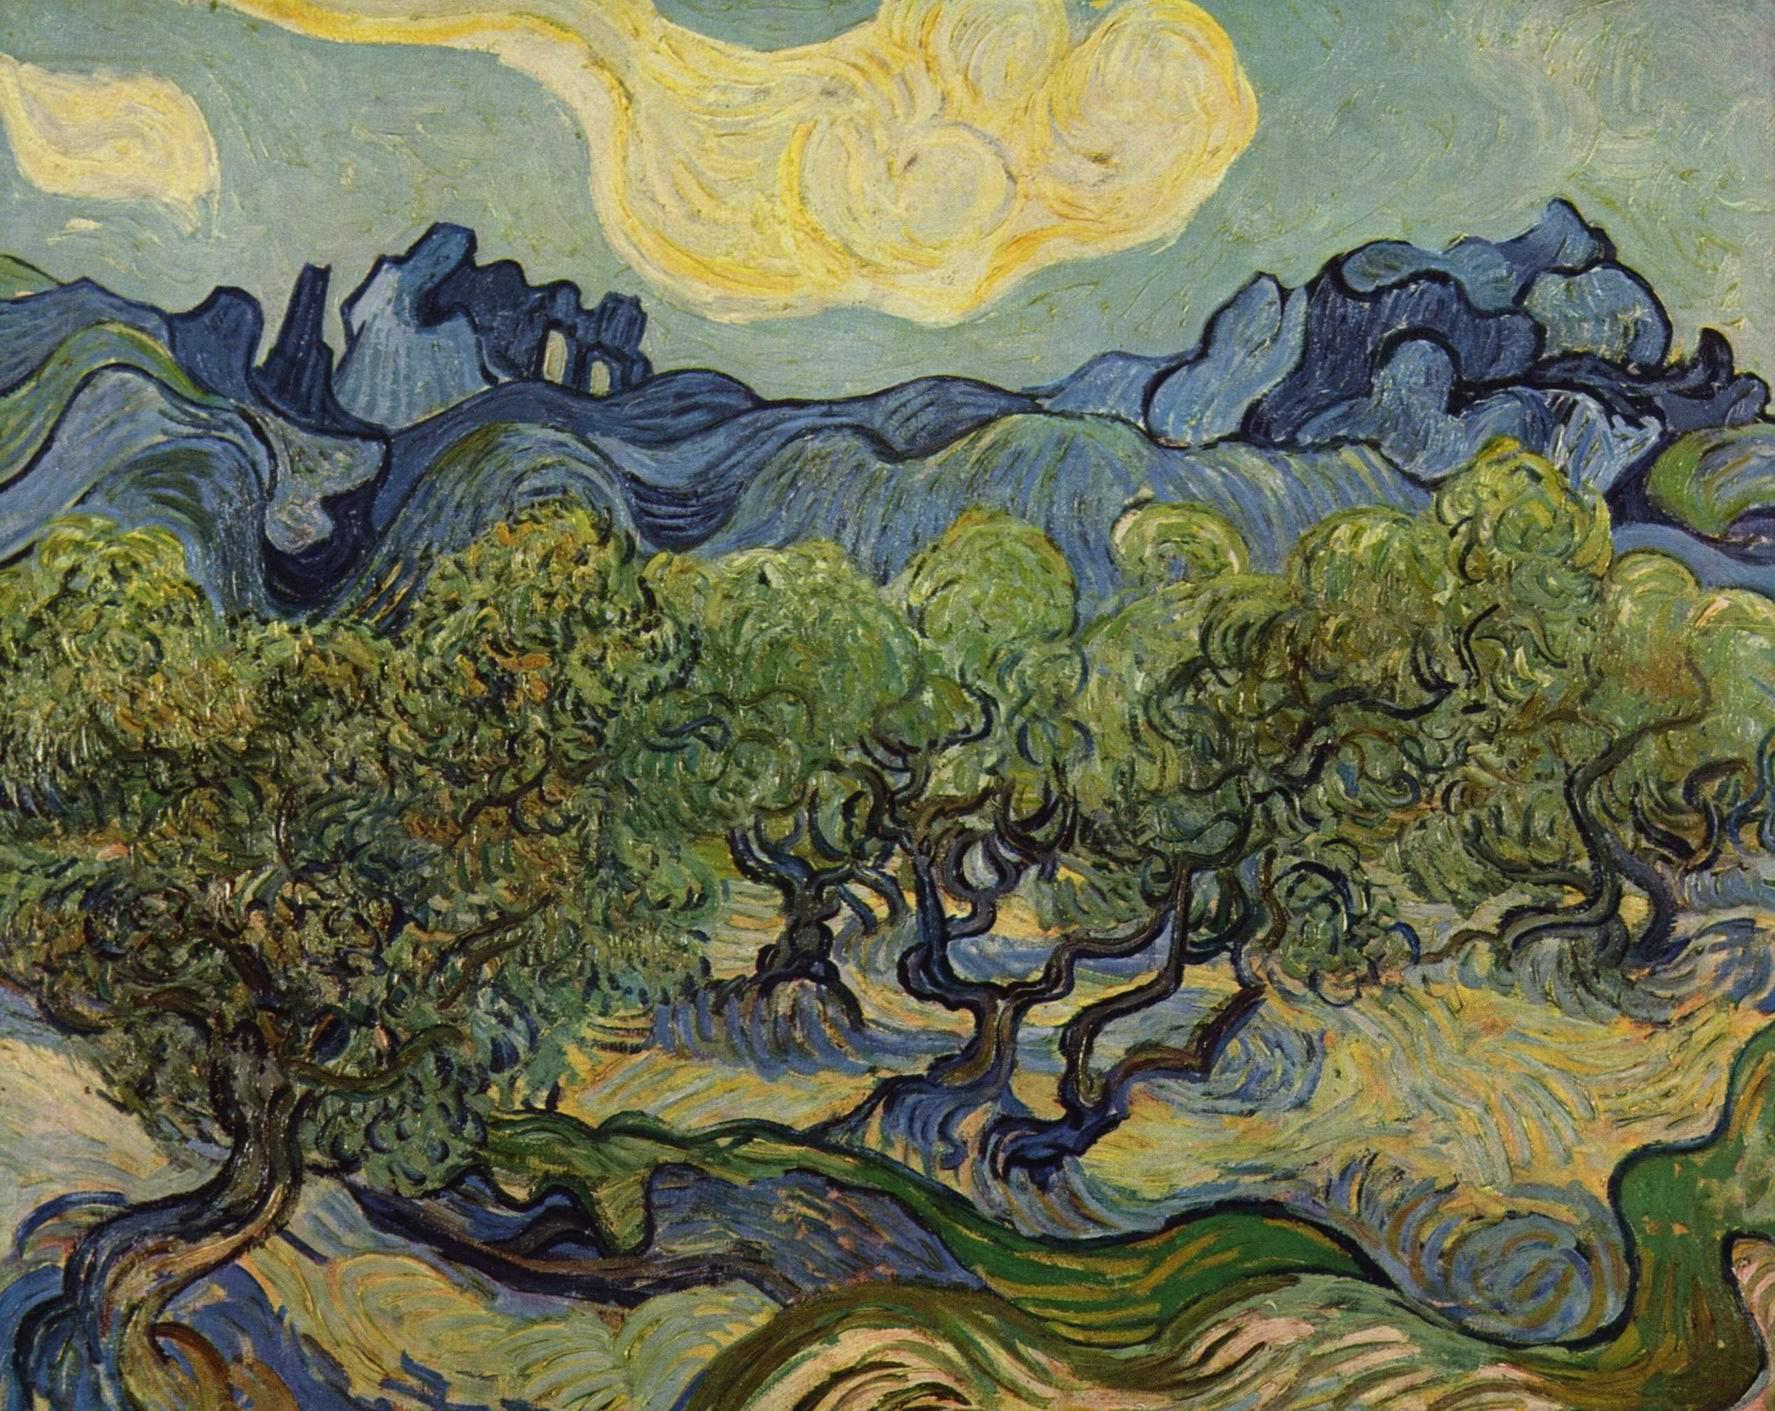 Из собрания шедевров мировой живописи... (392).jpg